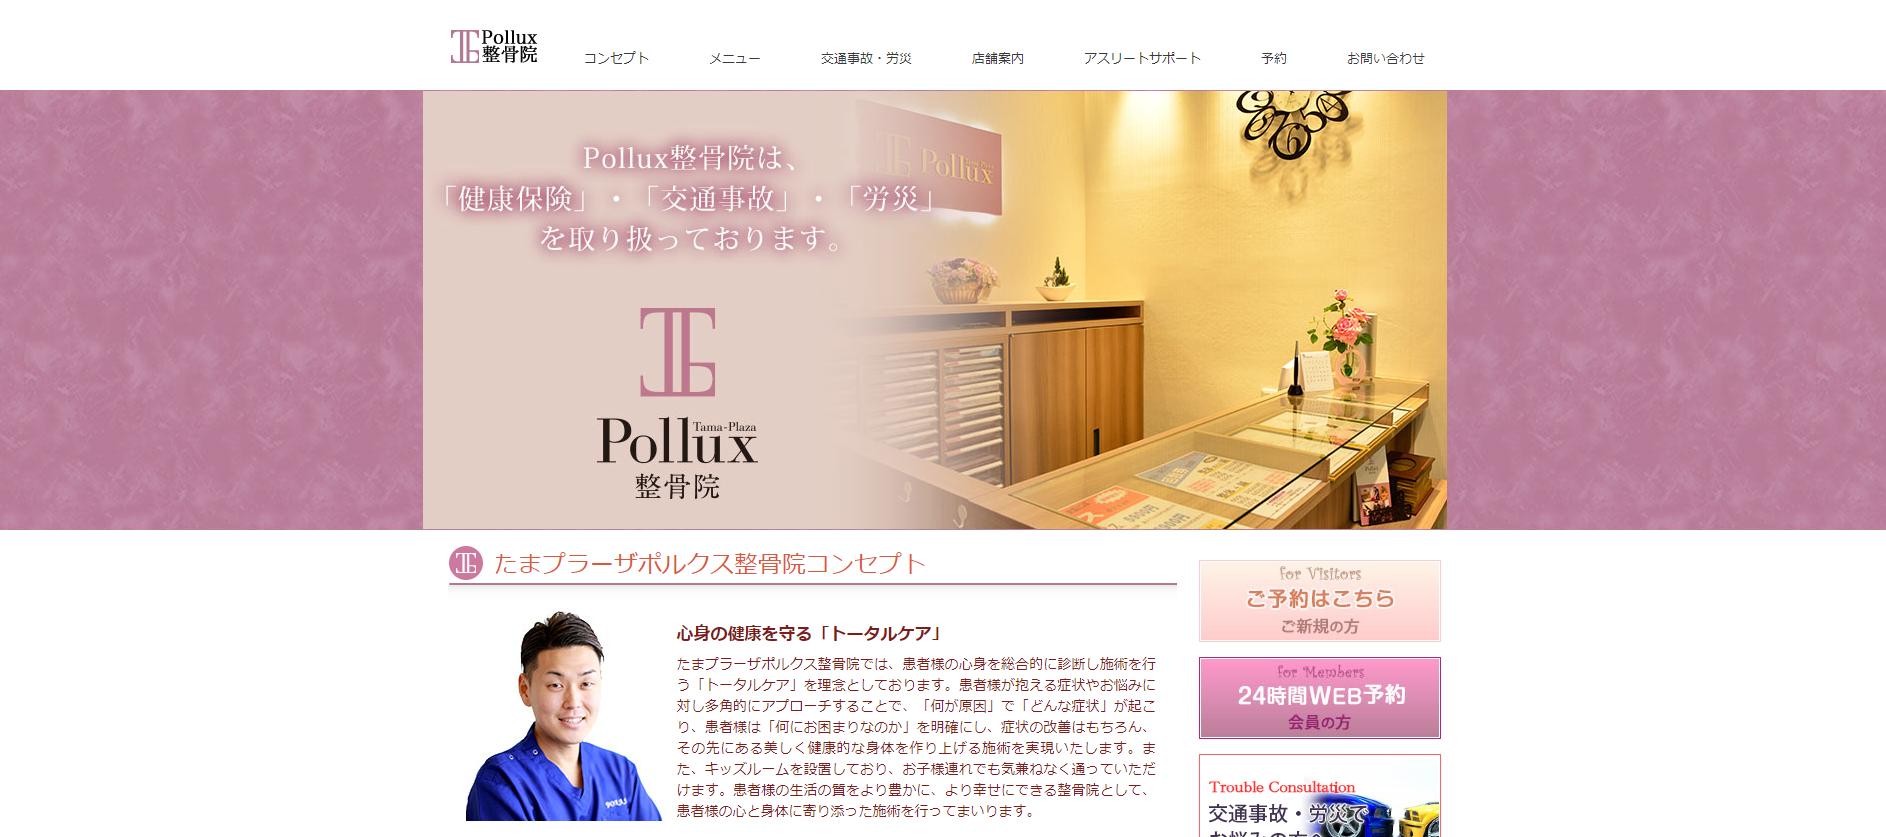 Pollux(ポルクス)整骨院のサムネイル